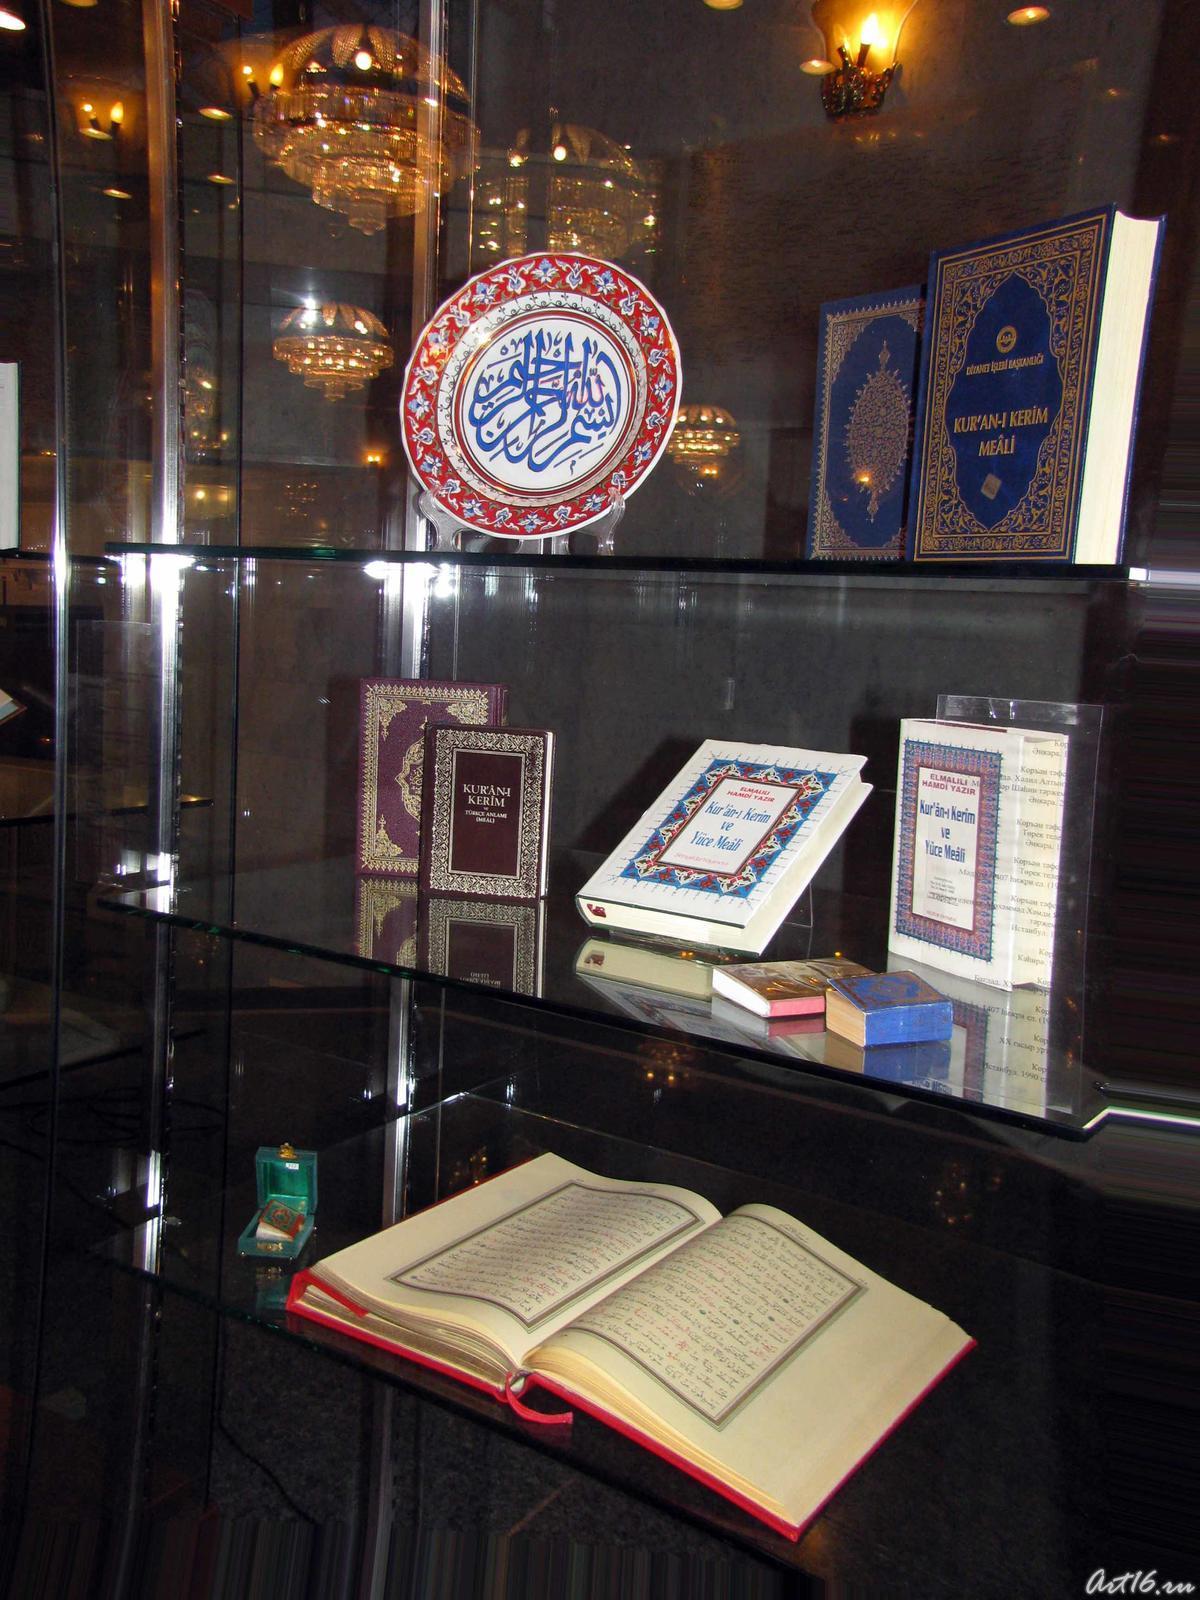 Фото №21810. Кораны, изданные в Турецкой Республике